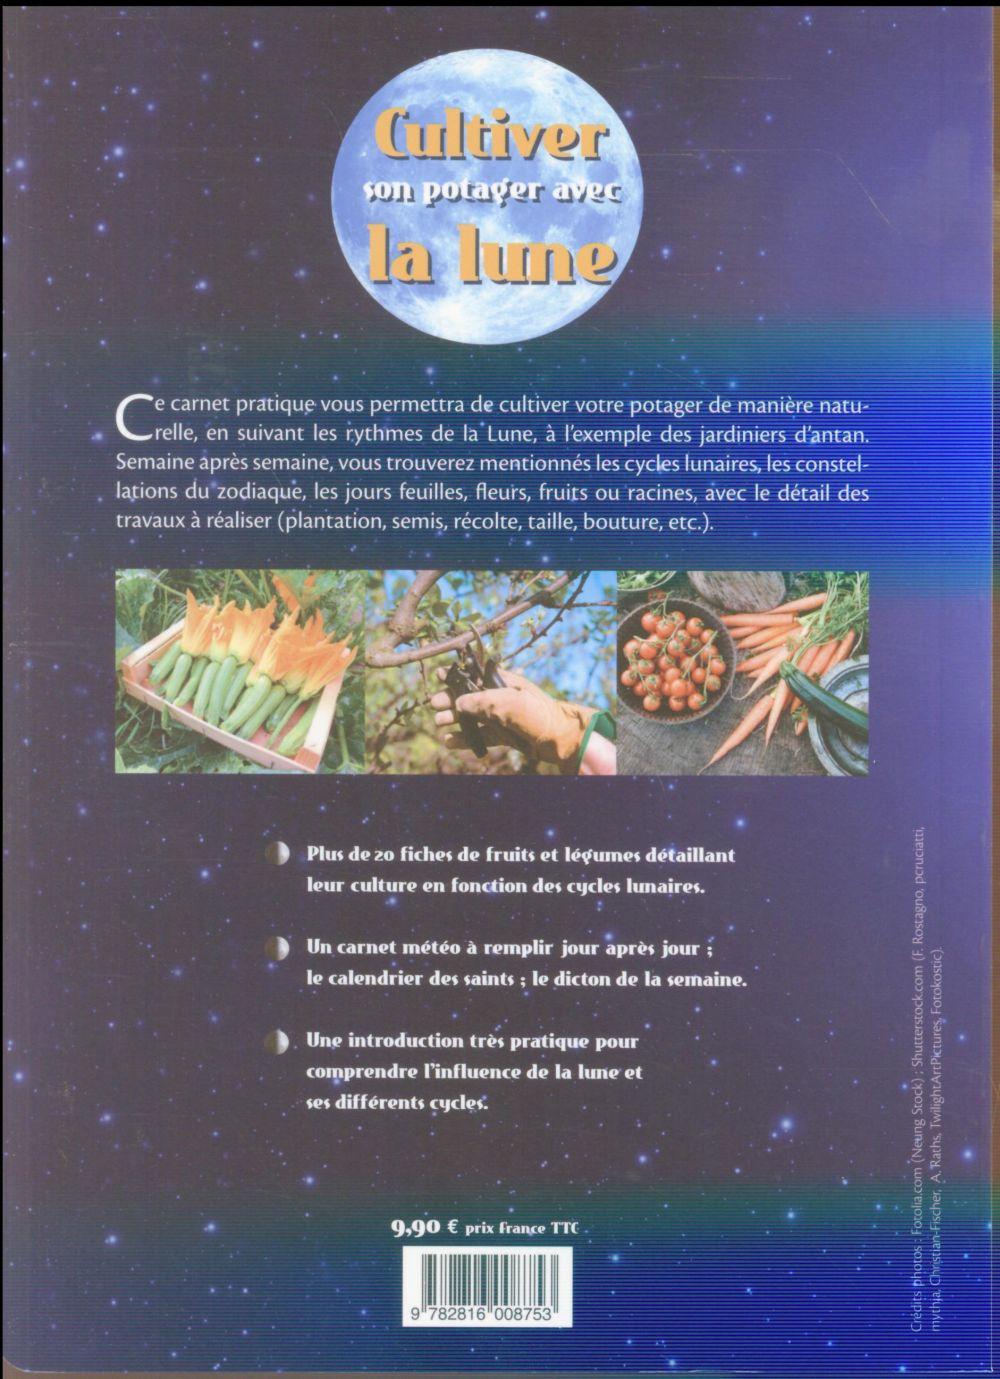 Cultiver son potager avec la lune (mars 2016-février 2017)